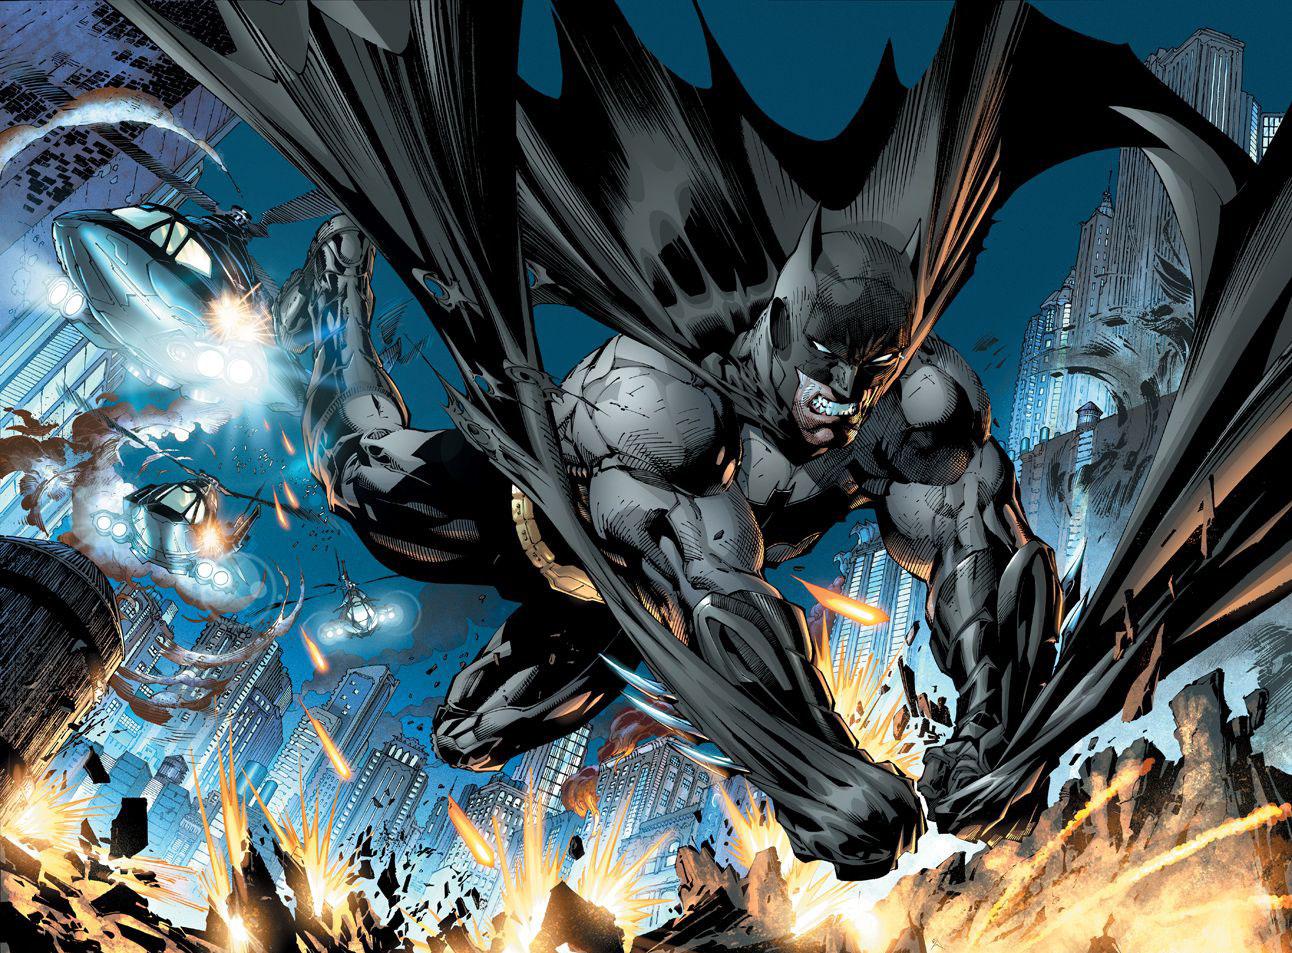 《蝙蝠侠VS超人》虽然DC客串角色众多,但这仍就是一部《钢铁之躯》的续集,没错,超人仍是主角,根据早前情报,本作里,超人与蝙蝠侠是好友,然后他们打了一架,有很多物理意义上的打斗,,这就意味着蝙蝠侠会拿着一些氪石来应战,加上本片主要反派确定为卢瑟,难不成卢瑟偷走了老爷的氪石?